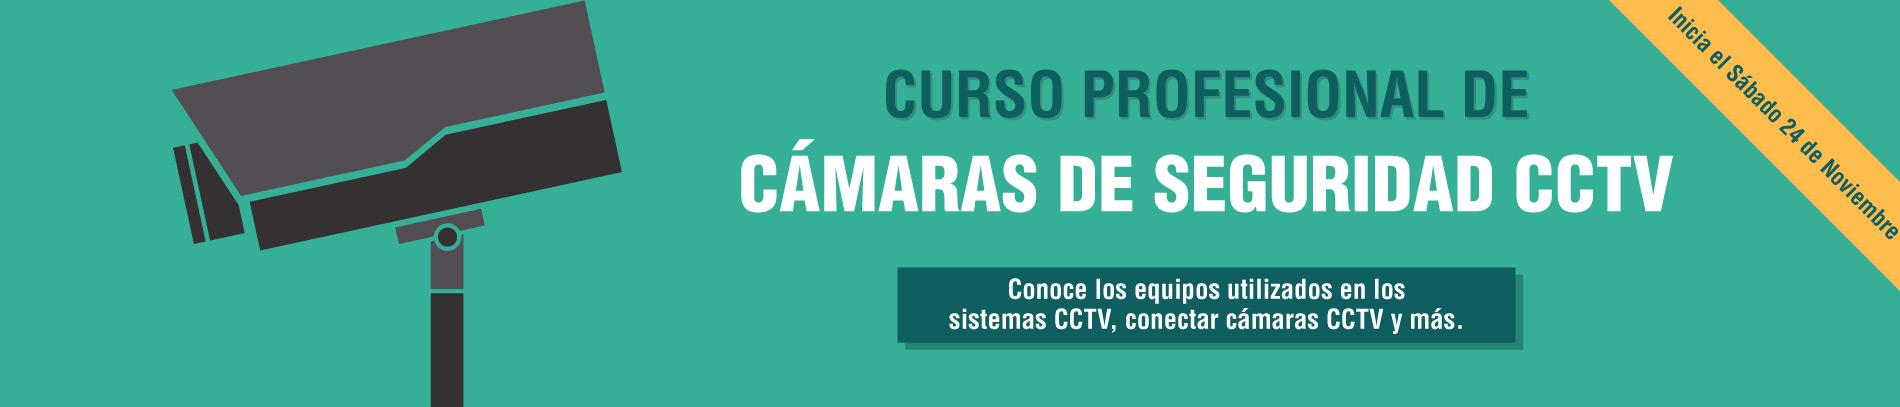 Curso de Cámaras de Seguridad CCTV